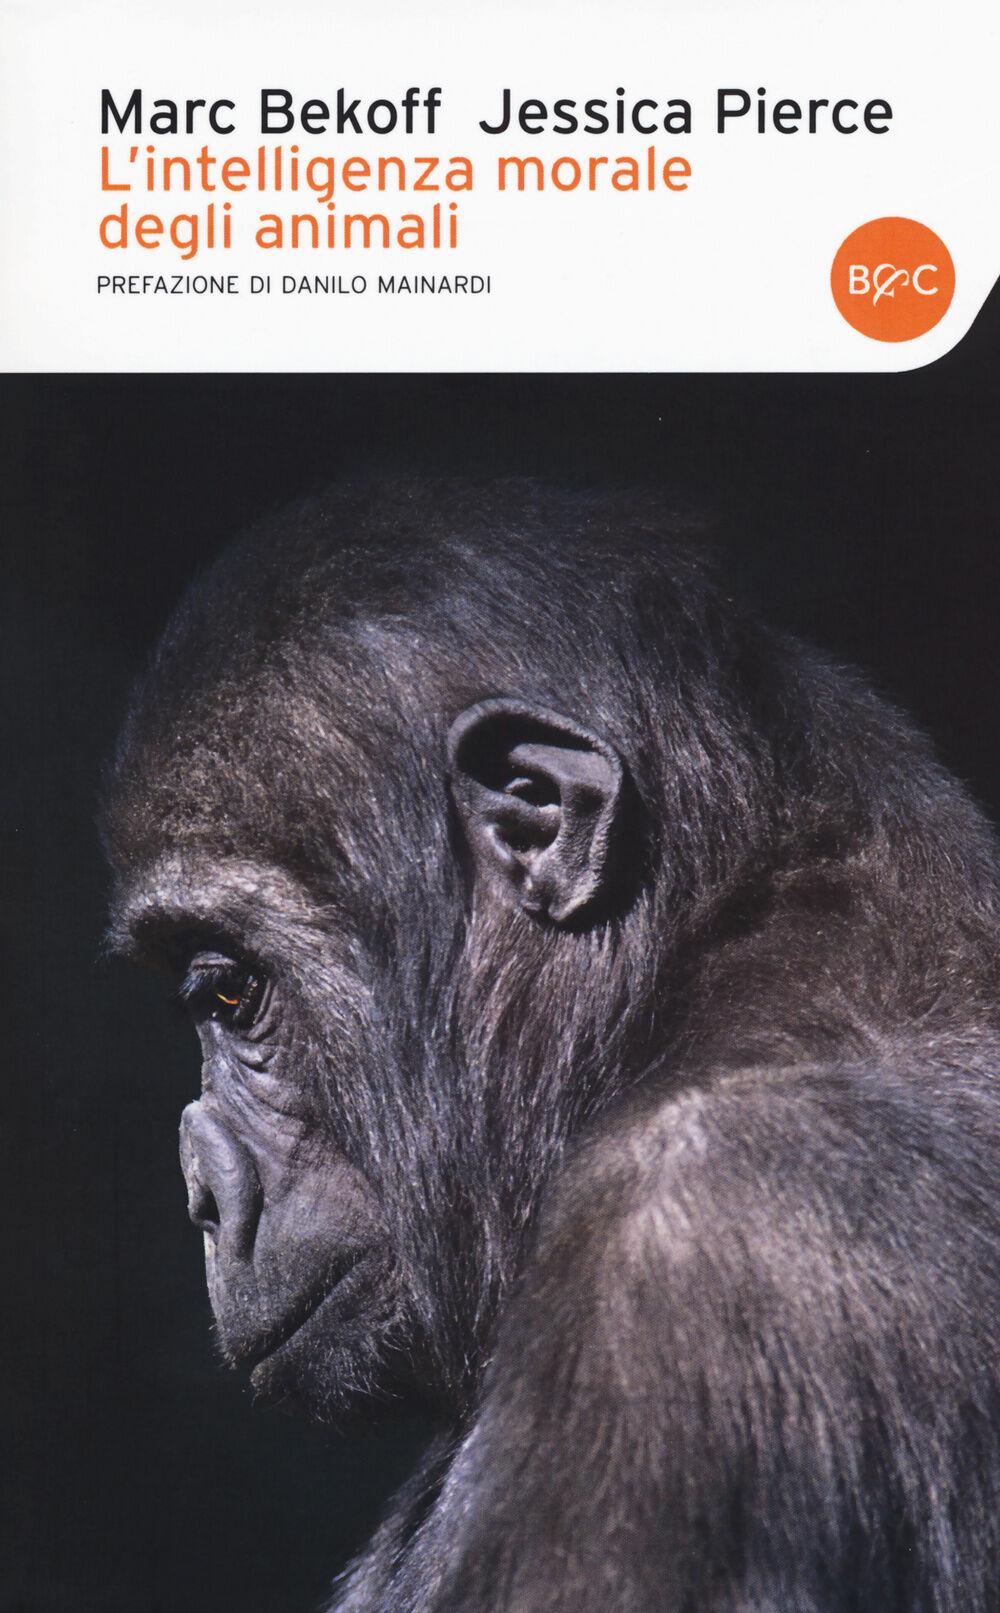 L' intelligenza morale degli animali